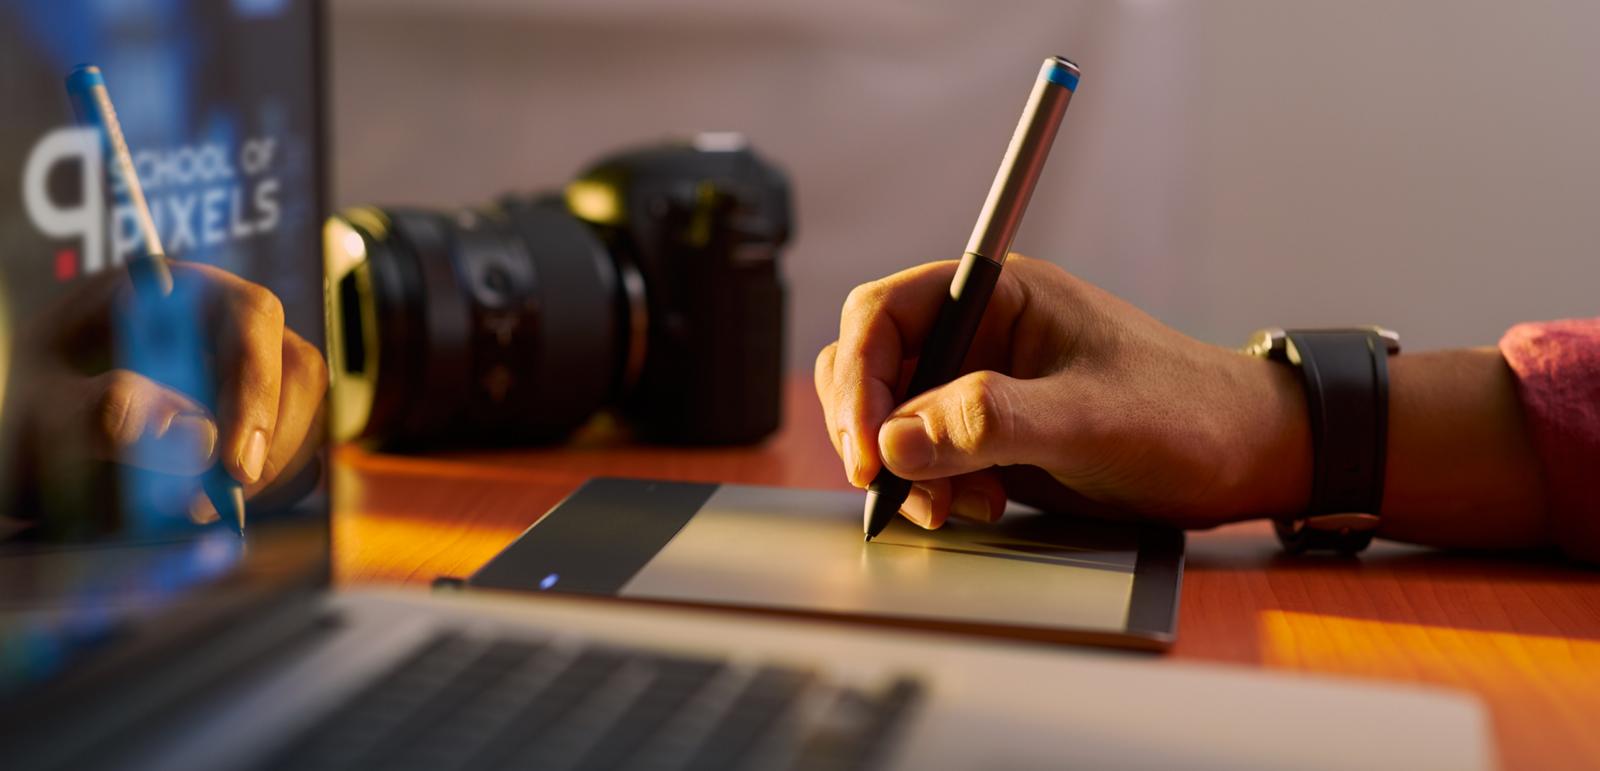 Chuyện nghề VFX – Kĩ Xảo Điện Ảnh Chuyên Nghiệp